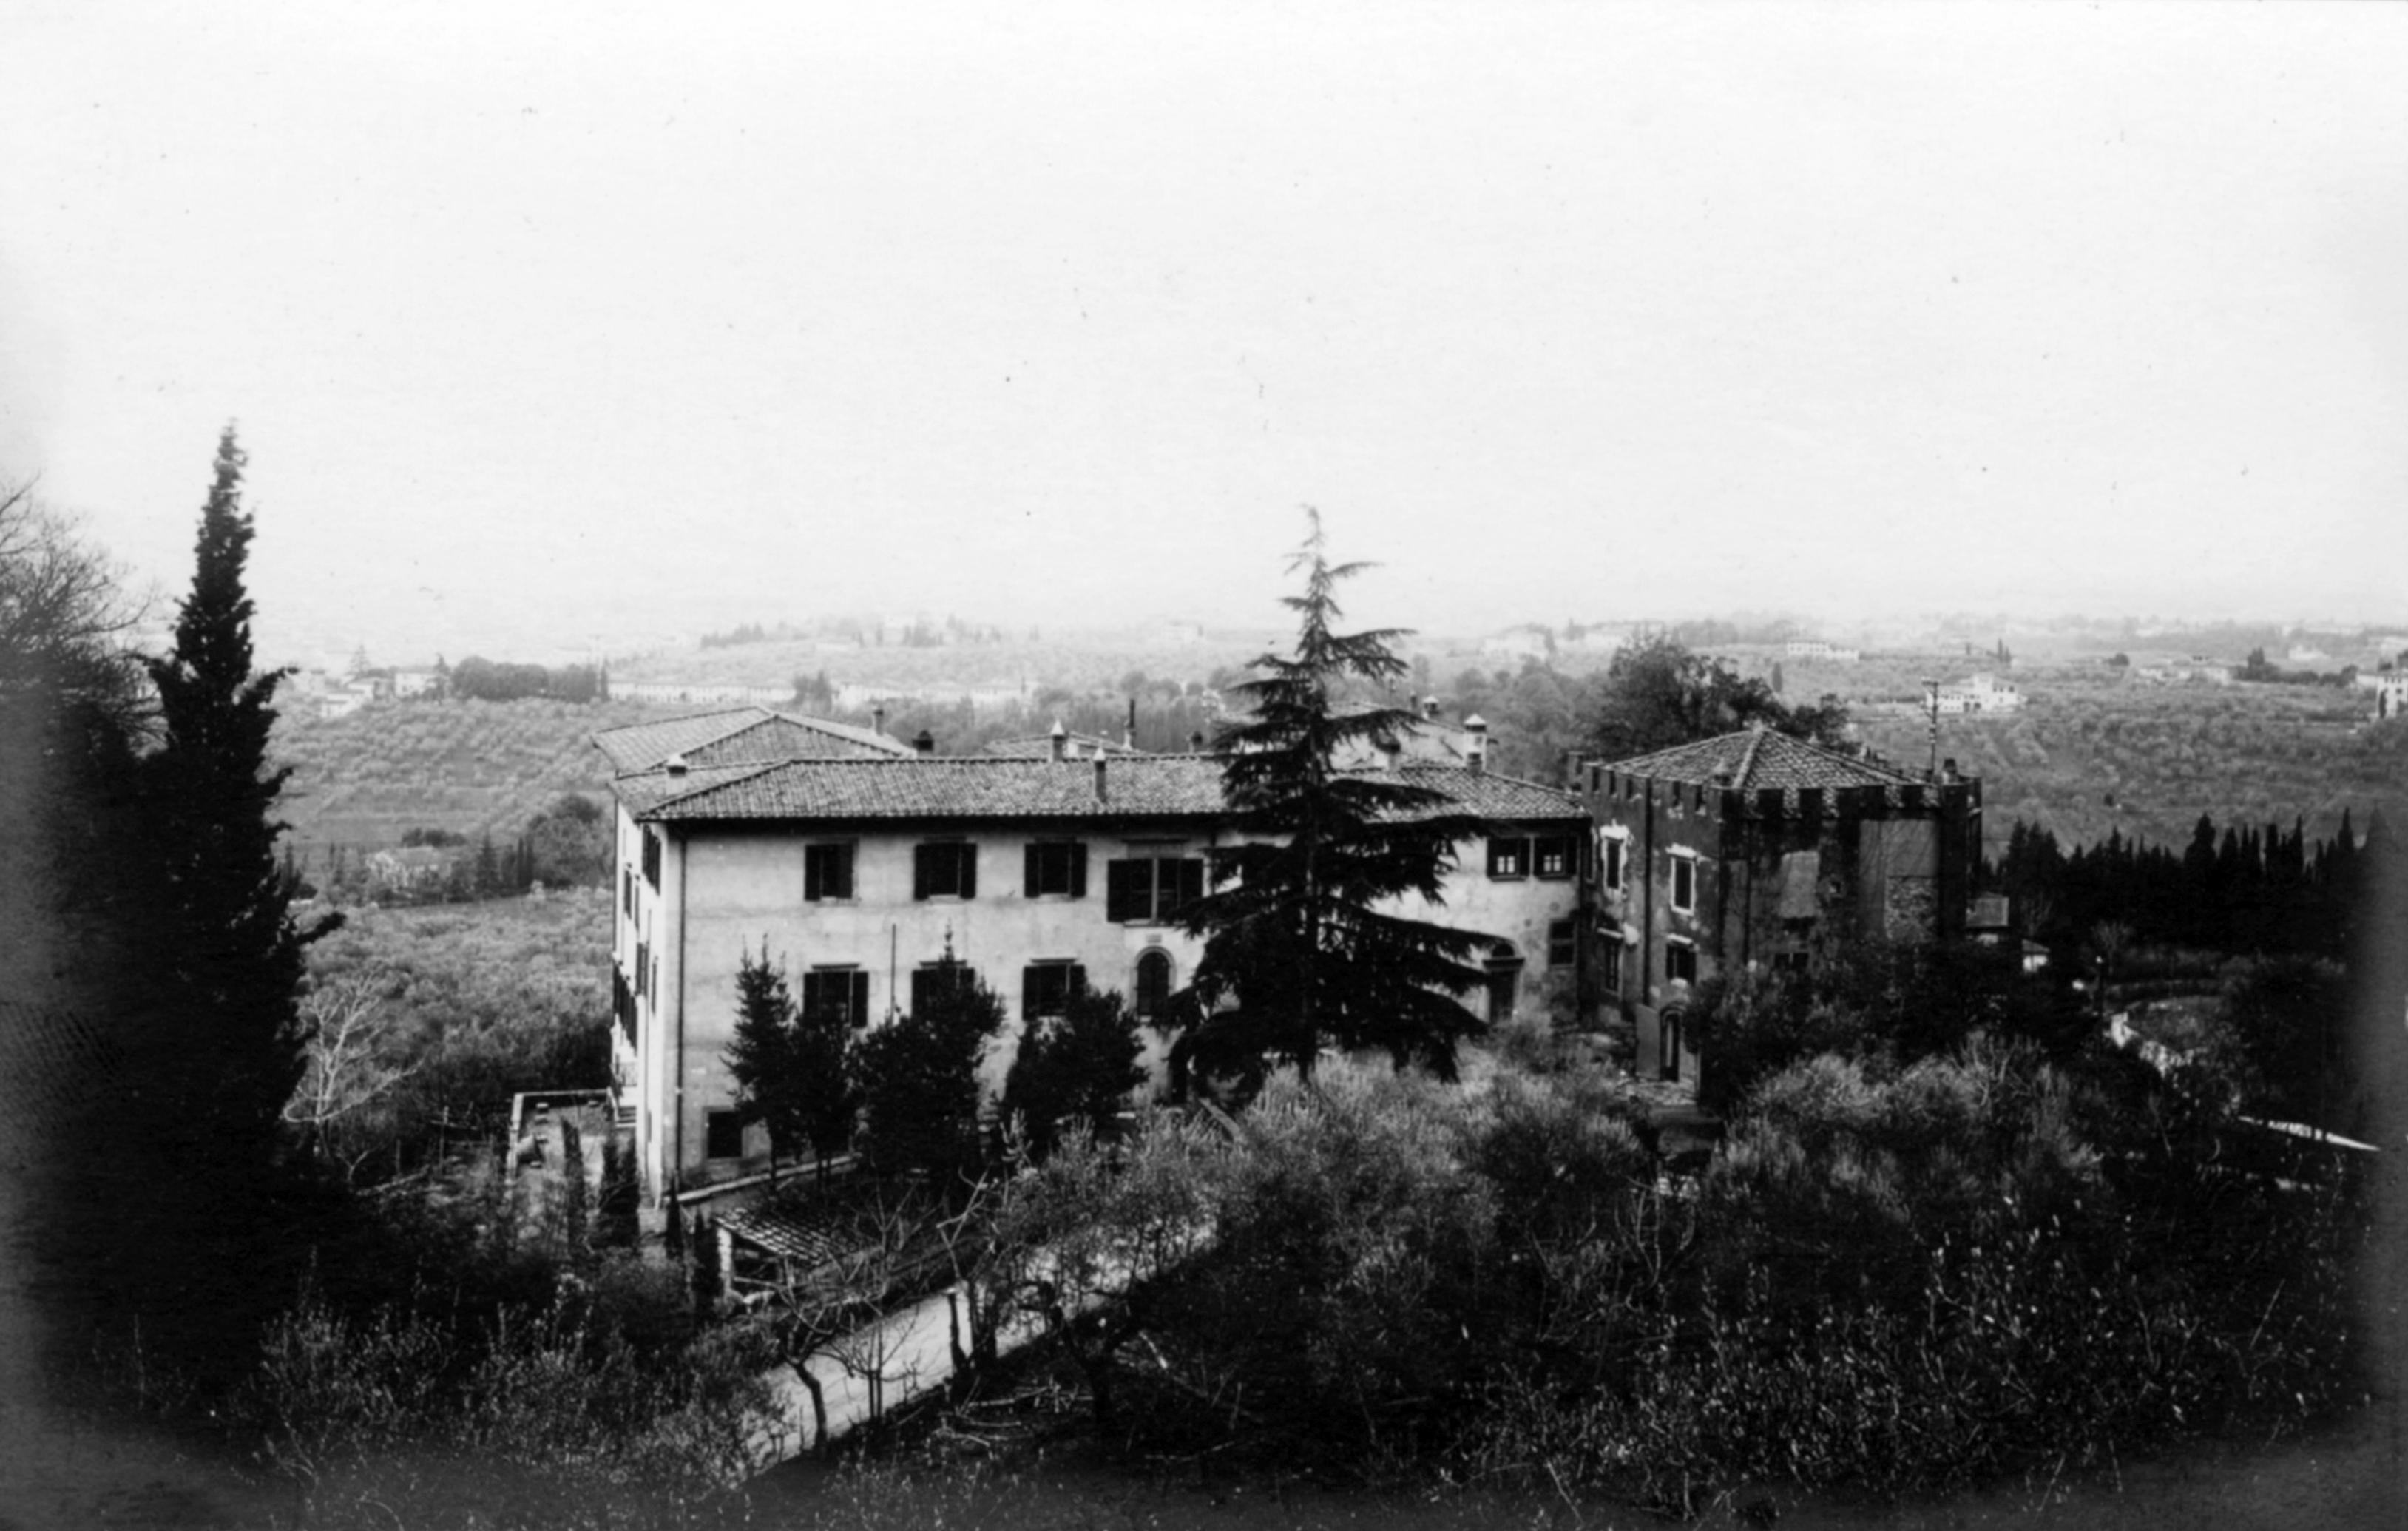 Pensione Bencistà archivio storico, Fiesole e Firenze. Seconda guerra mondiale